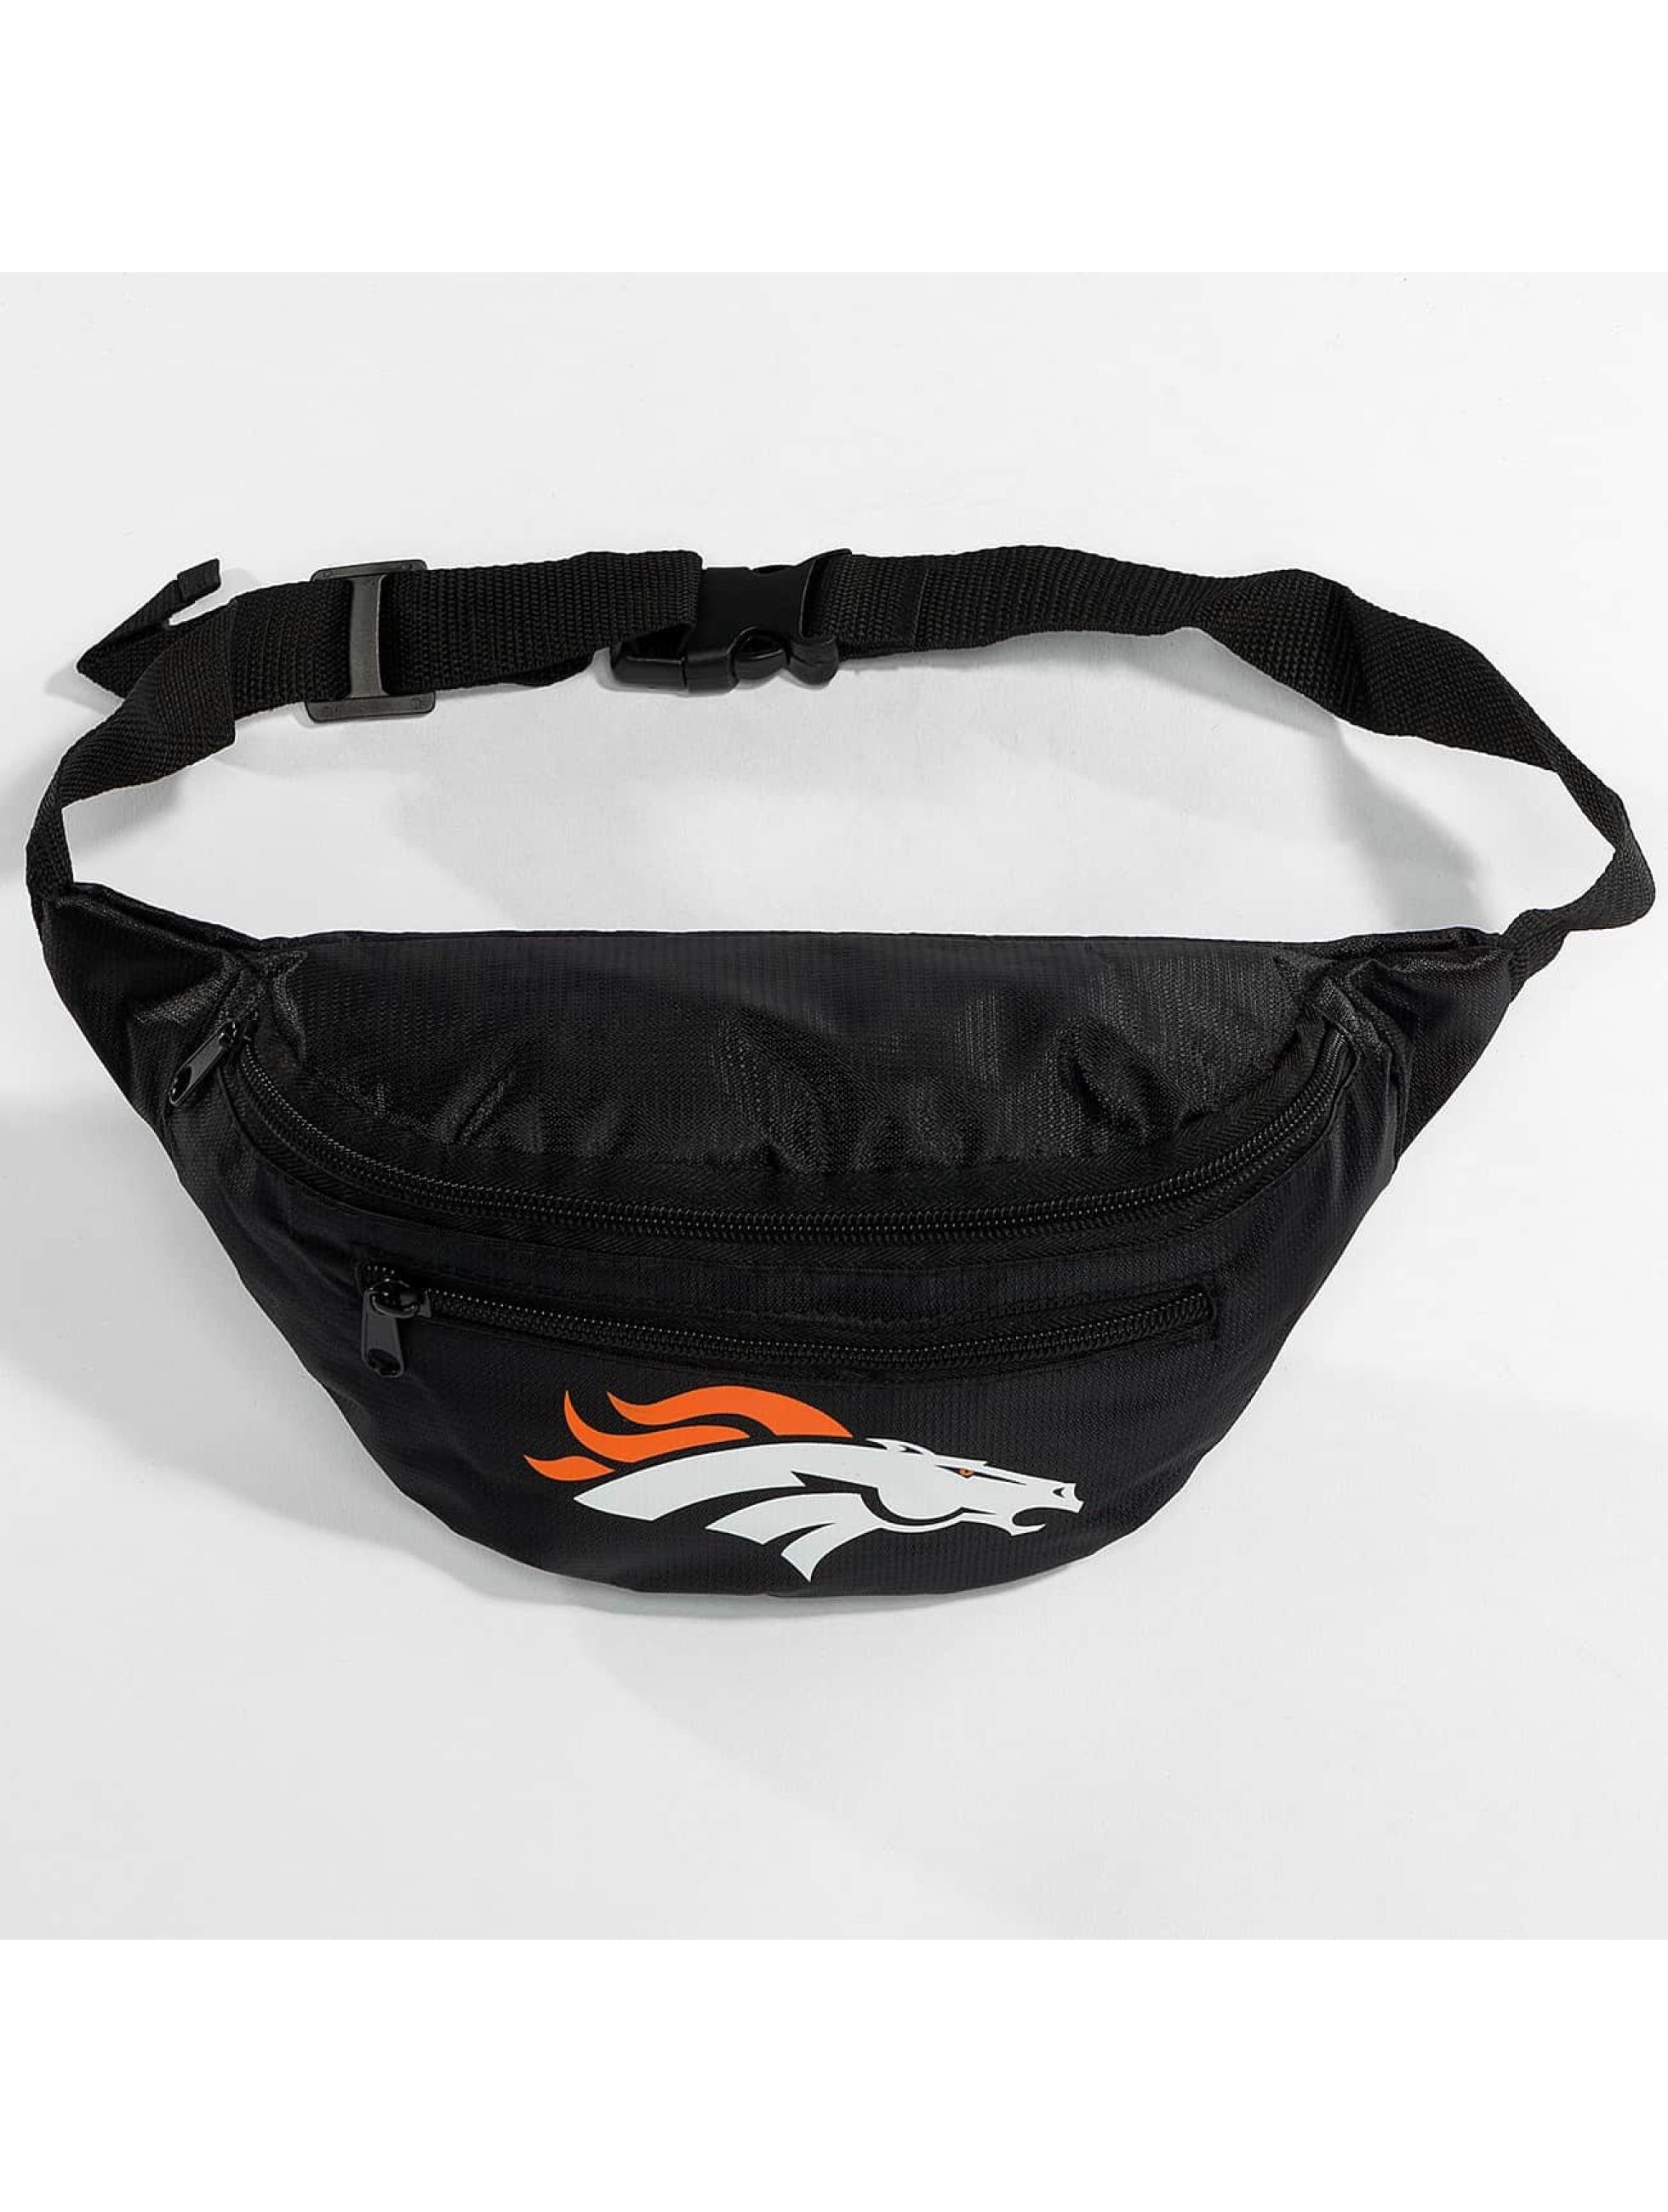 Forever Collectibles Sac NFL Denver Broncos noir